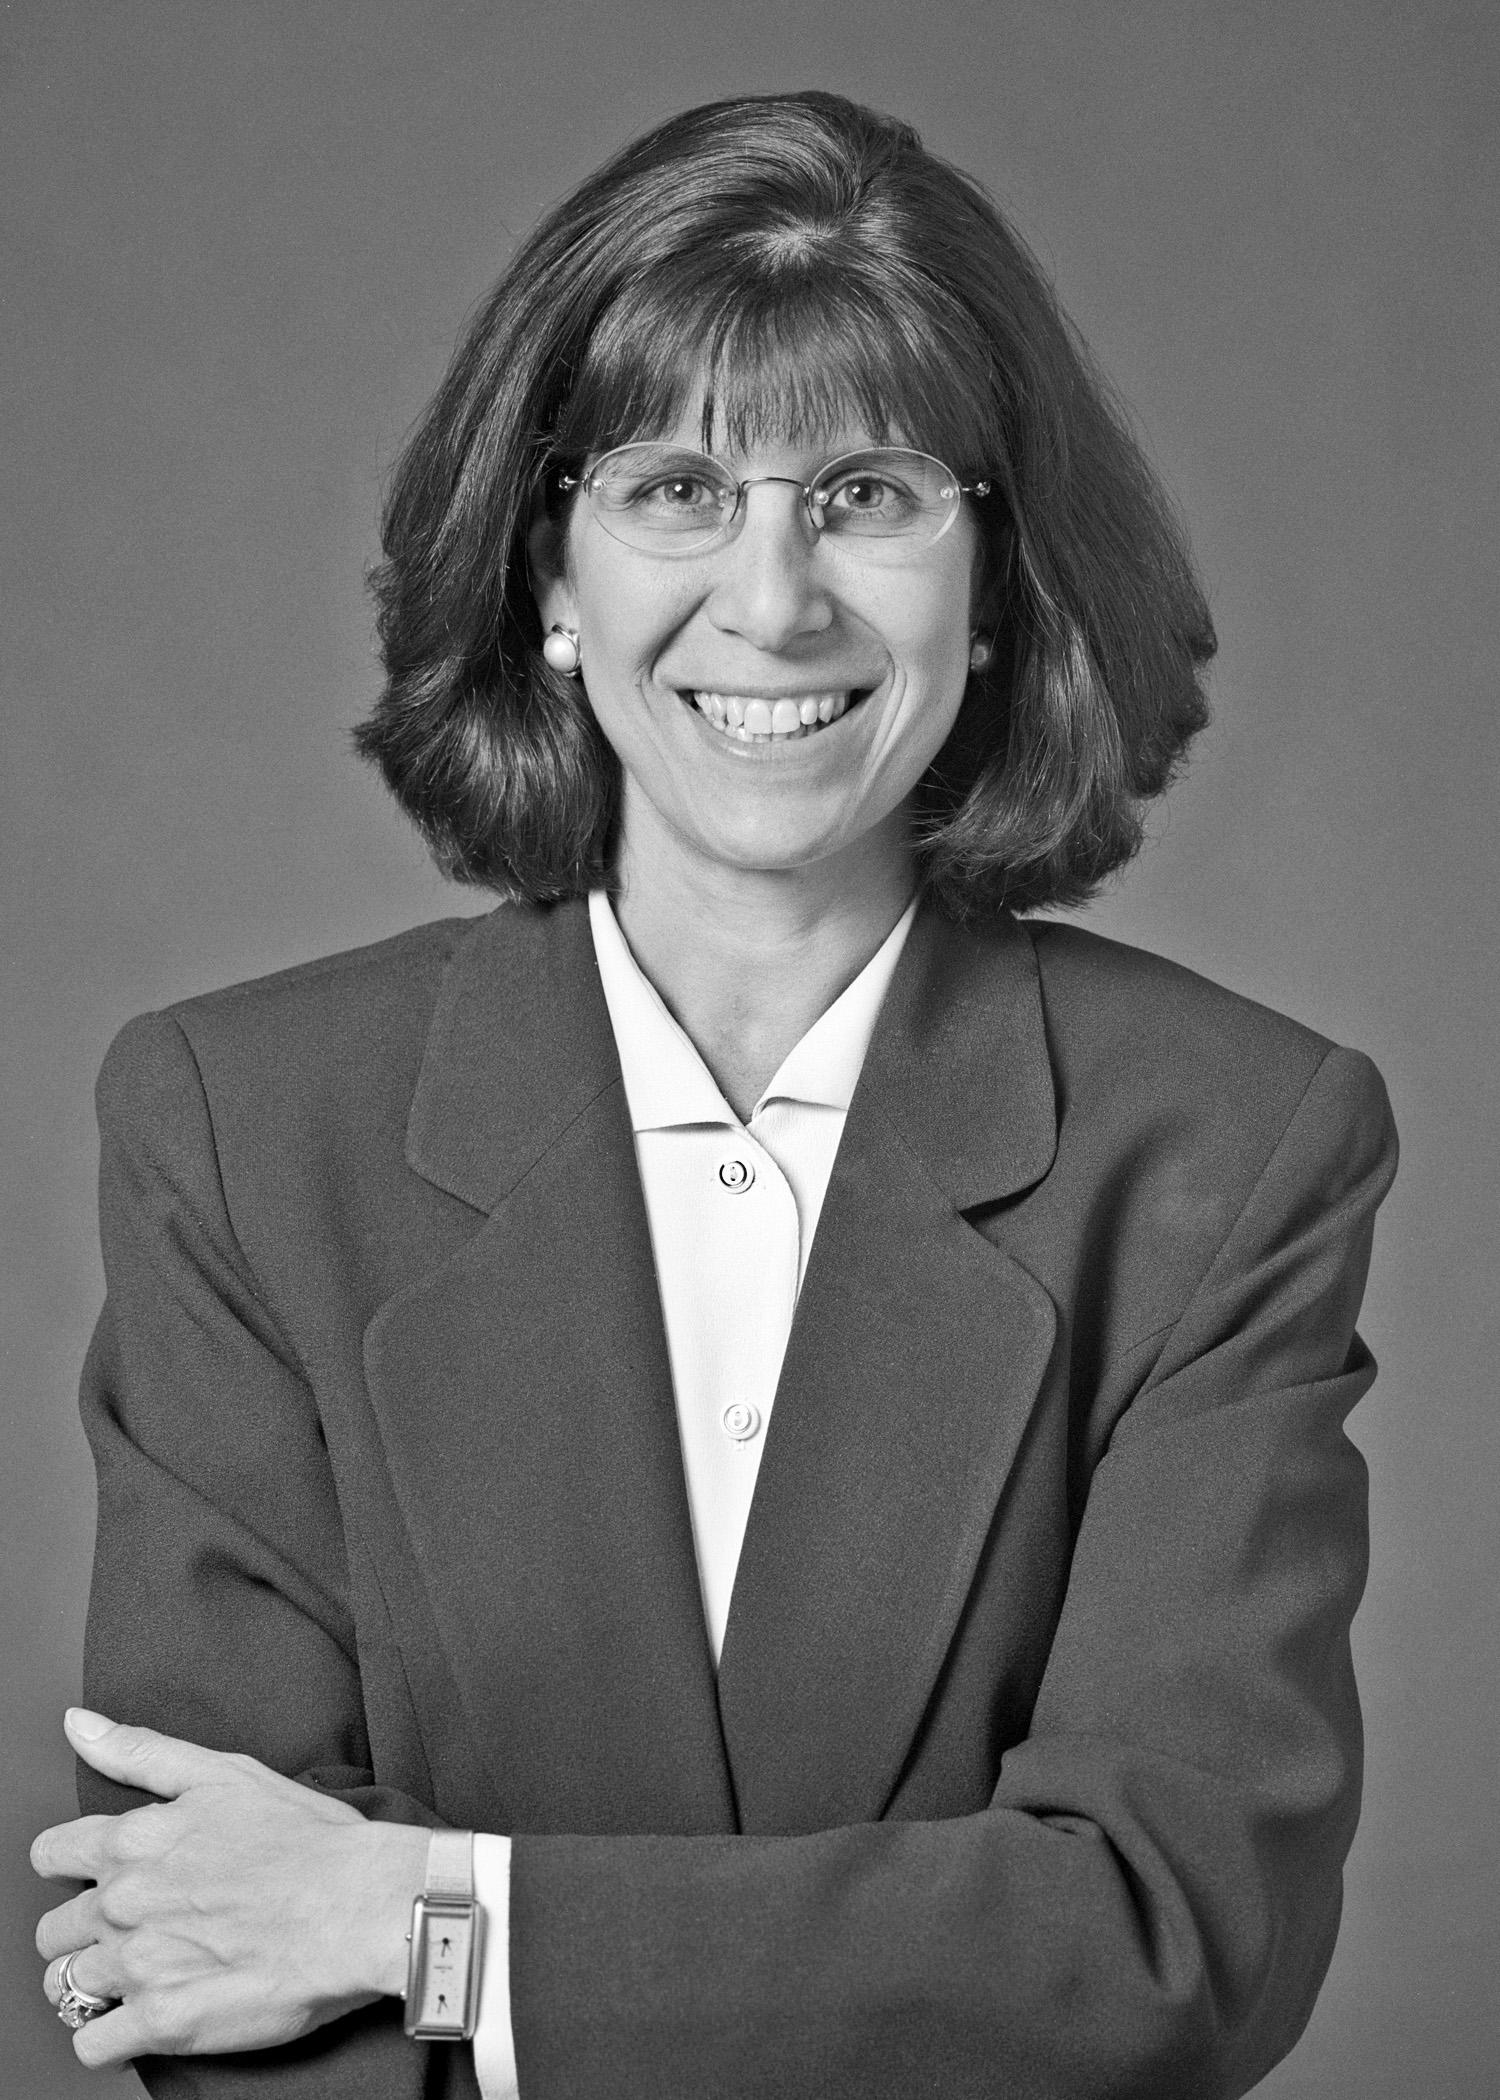 Georgia Engel born July 28, 1948 (age 70)